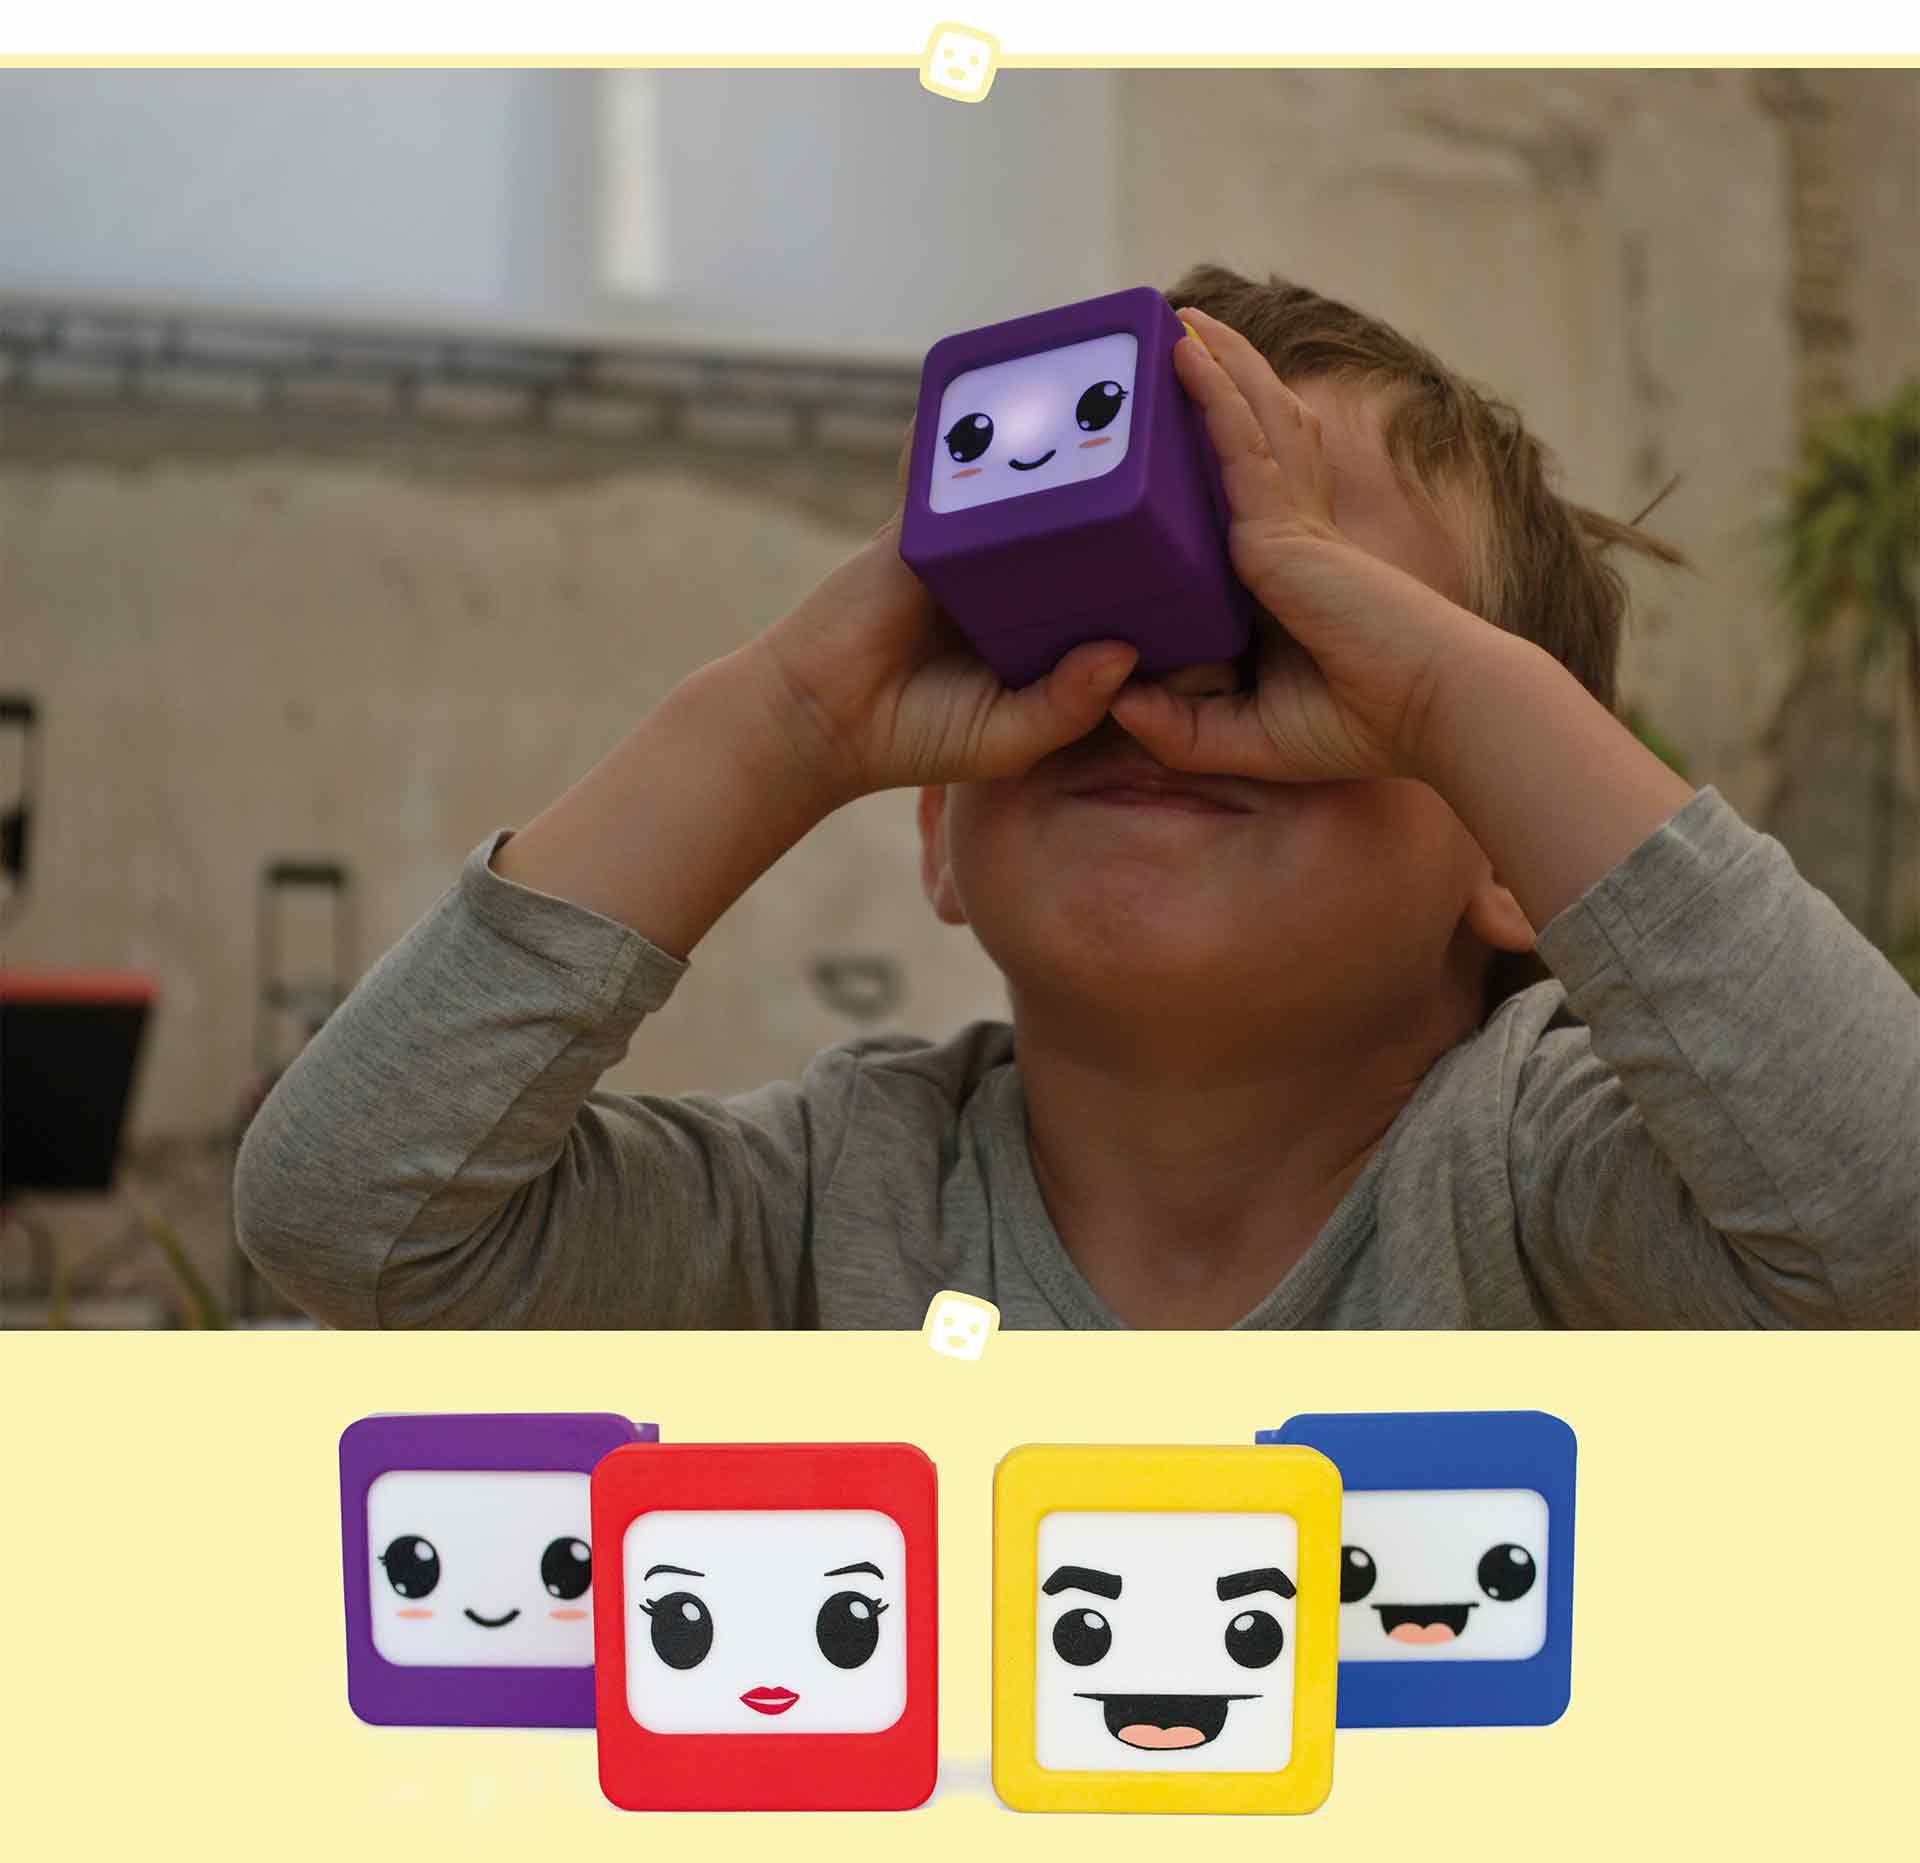 The Ifs juguetes tecnologicos para niños jessica sanmiguel diseño zaragoza-13